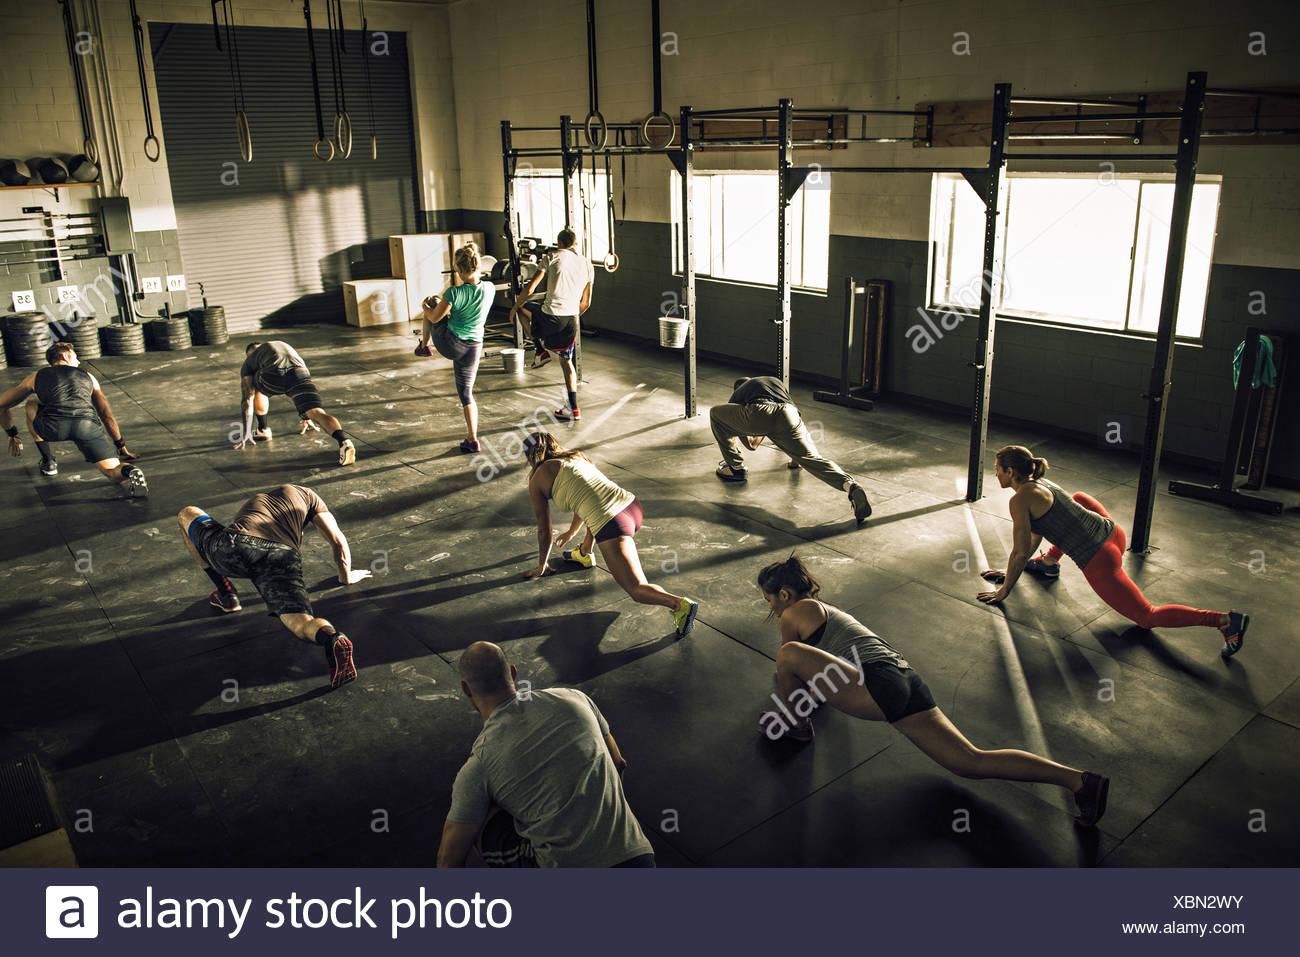 Cours de conditionnement physique et le stretching ensemble dans une salle de sport Photo Stock